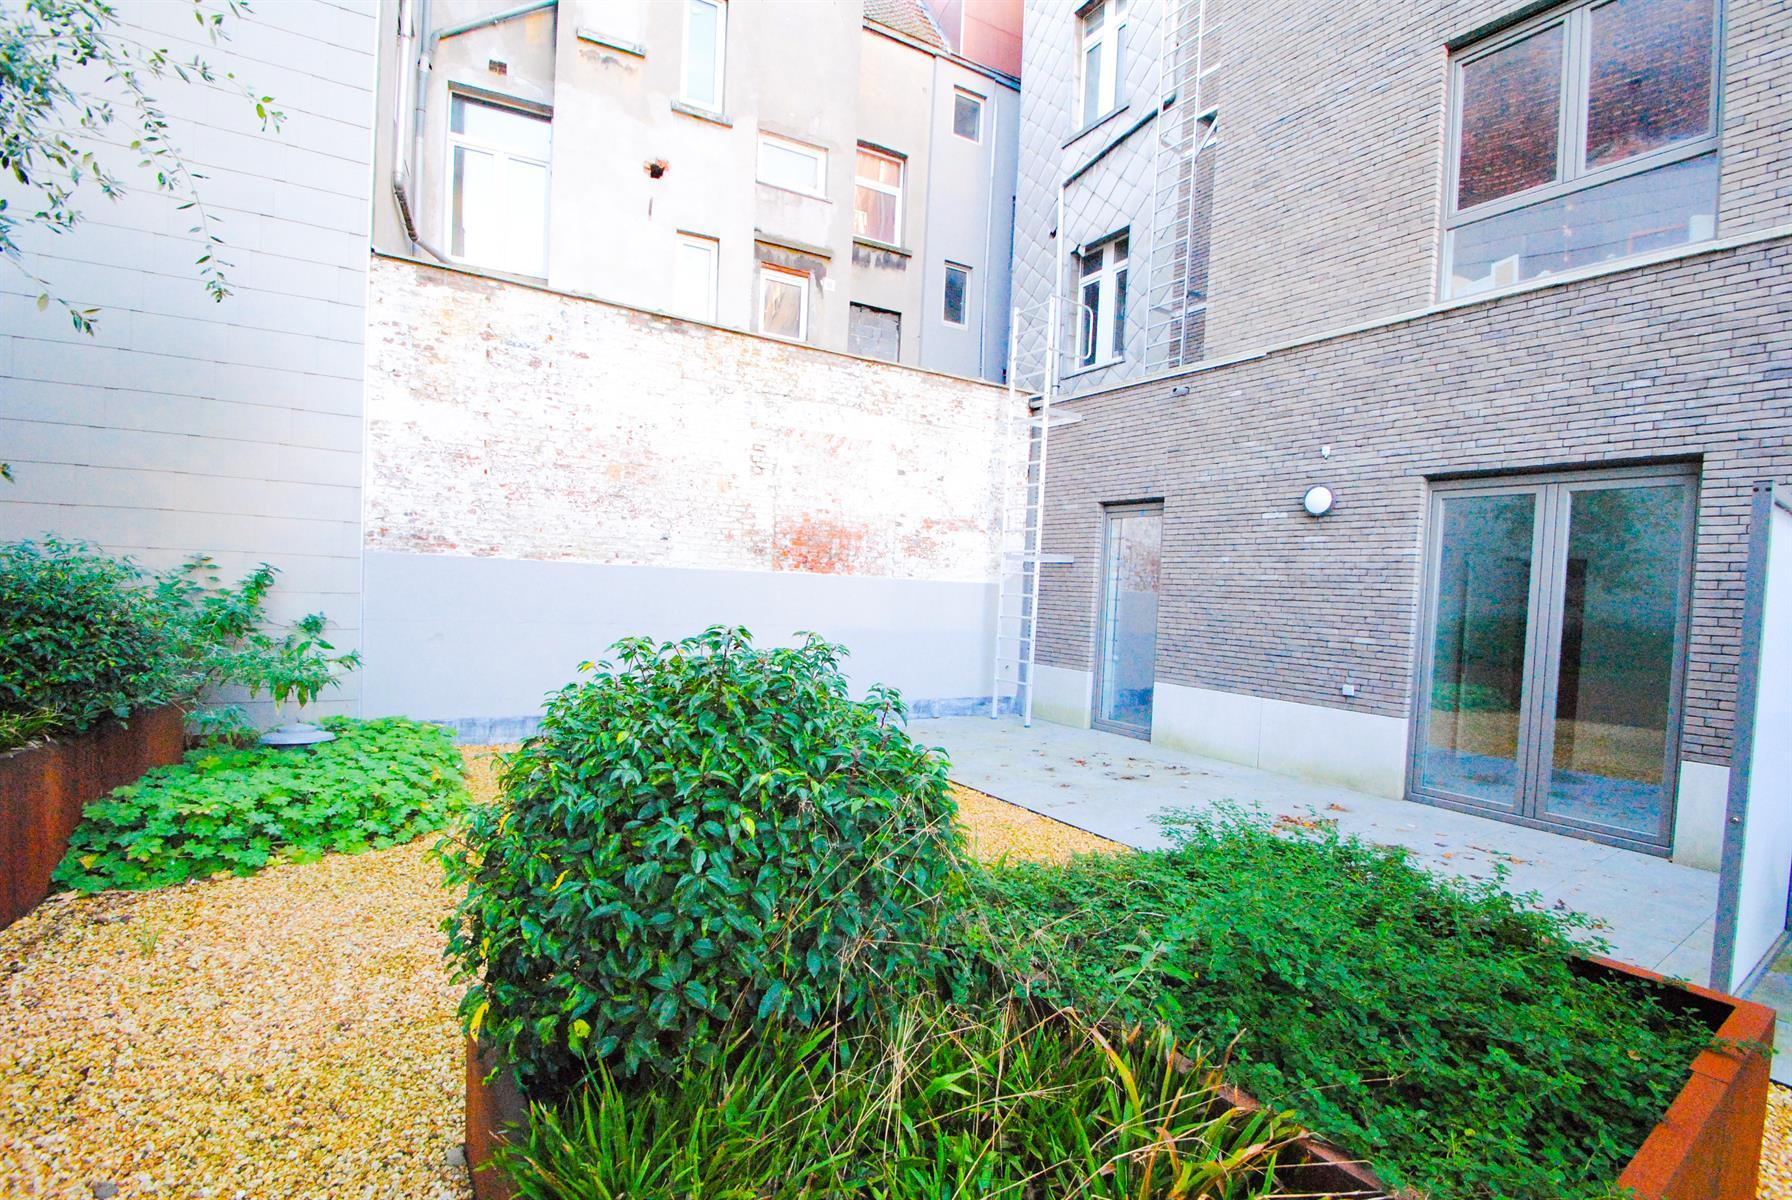 Nieuwbouw gvl 2 slpk app met terras/tuin